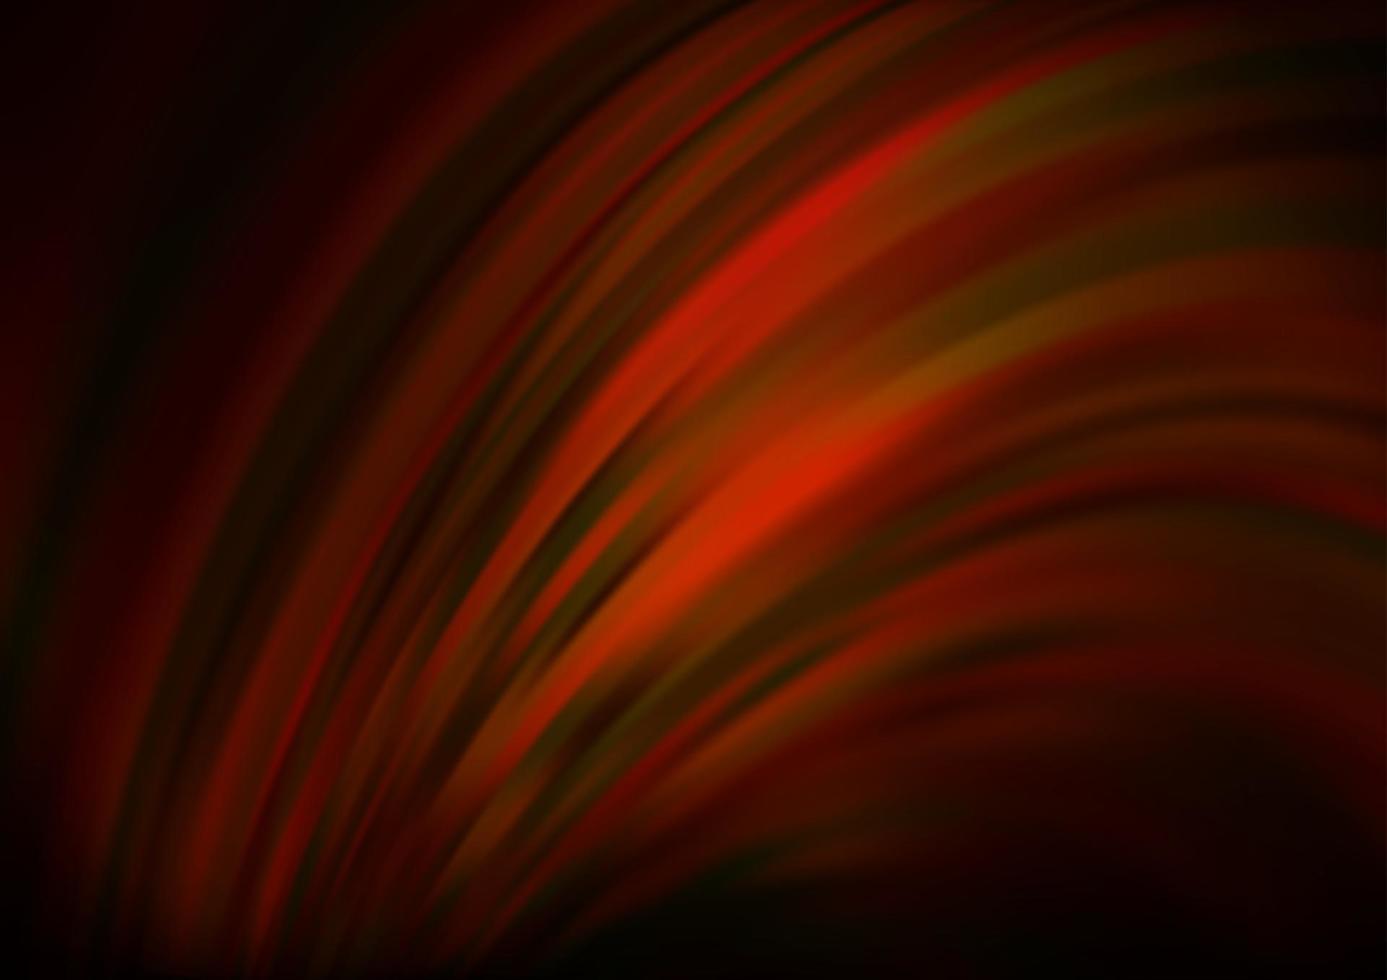 modelo de vetor vermelho e amarelo escuro com linhas ovais.